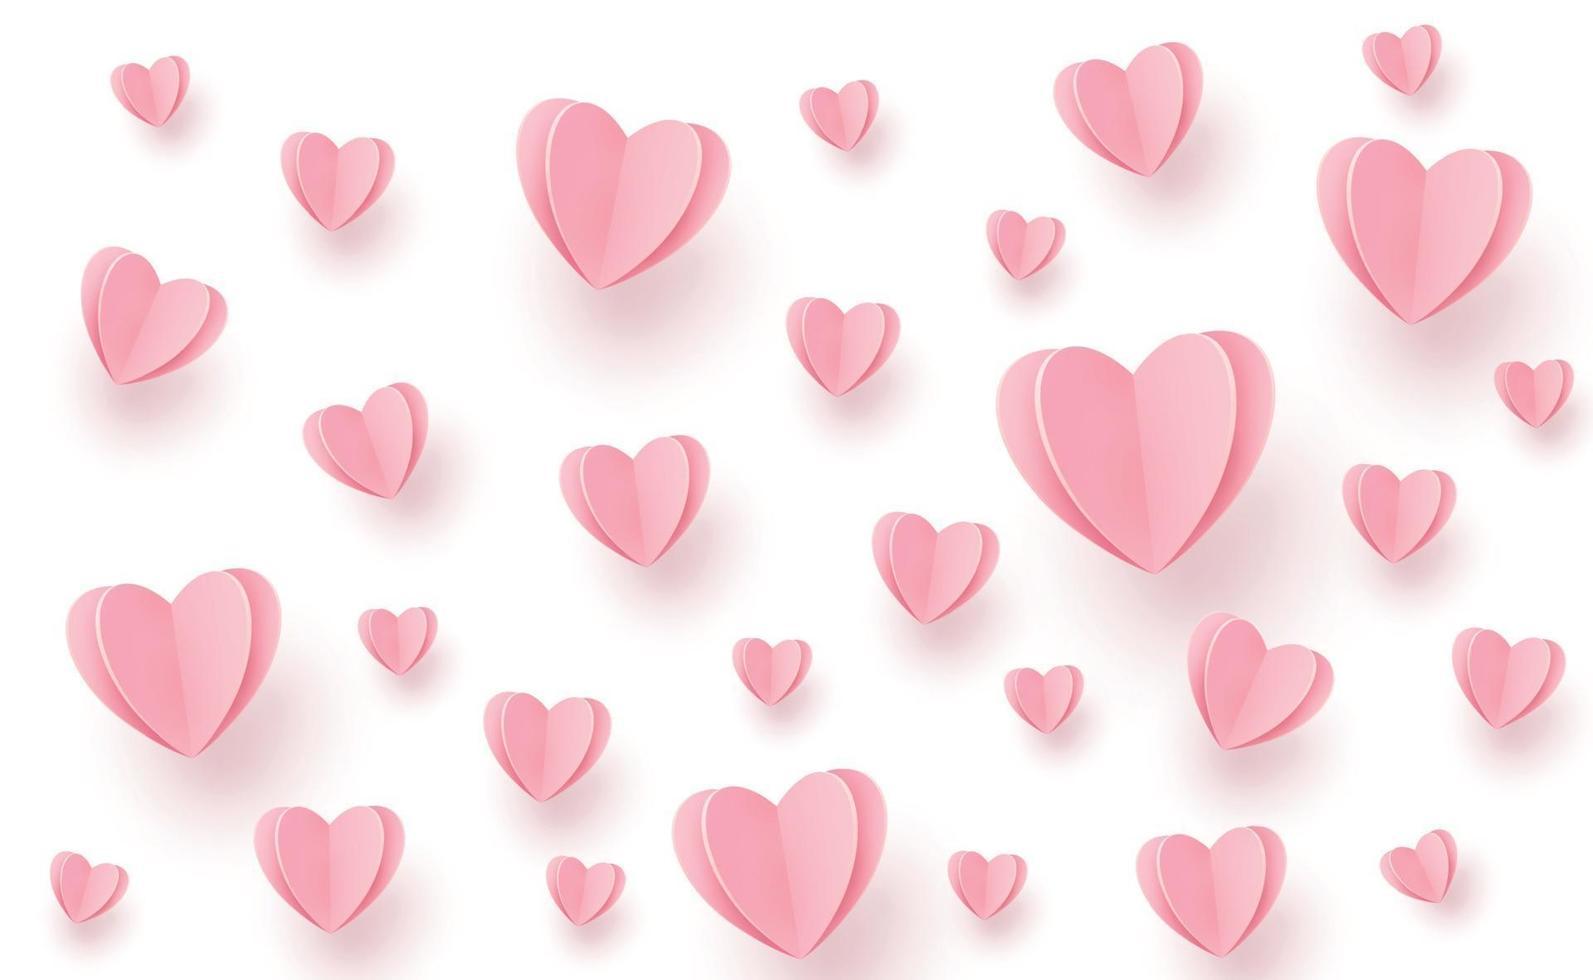 försiktigt rosa-röda hjärtan i form av ett stort hjärta på en vit bakgrund vektor